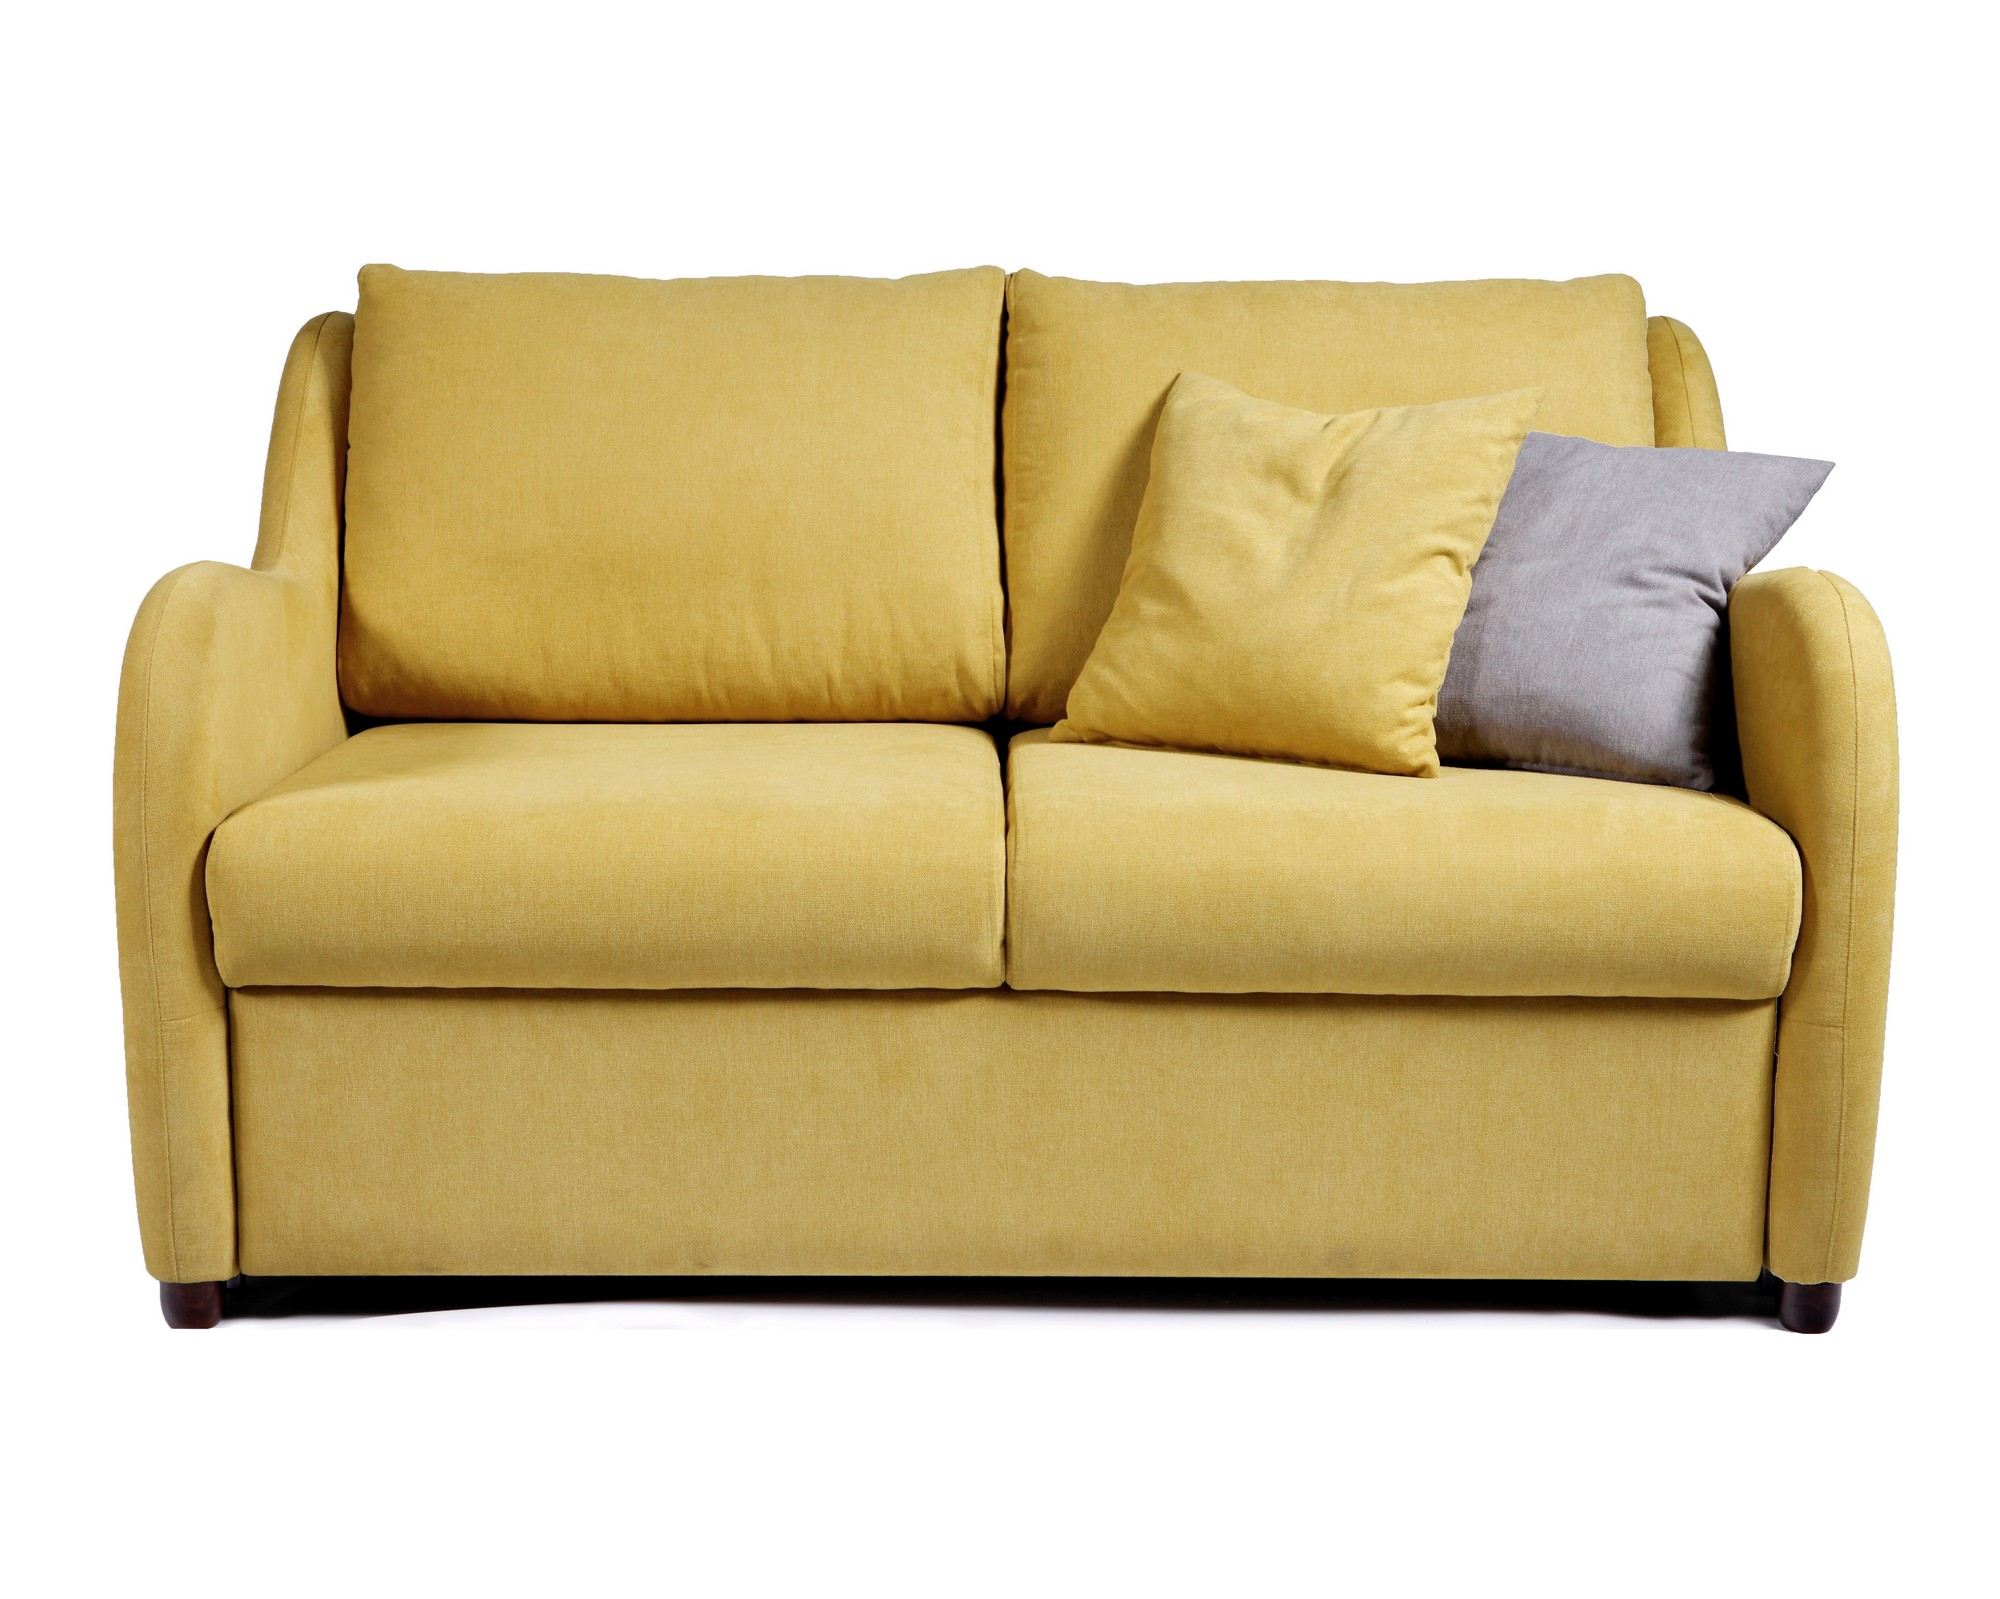 Myfurnish диван-кровать universal желтый  37754/7